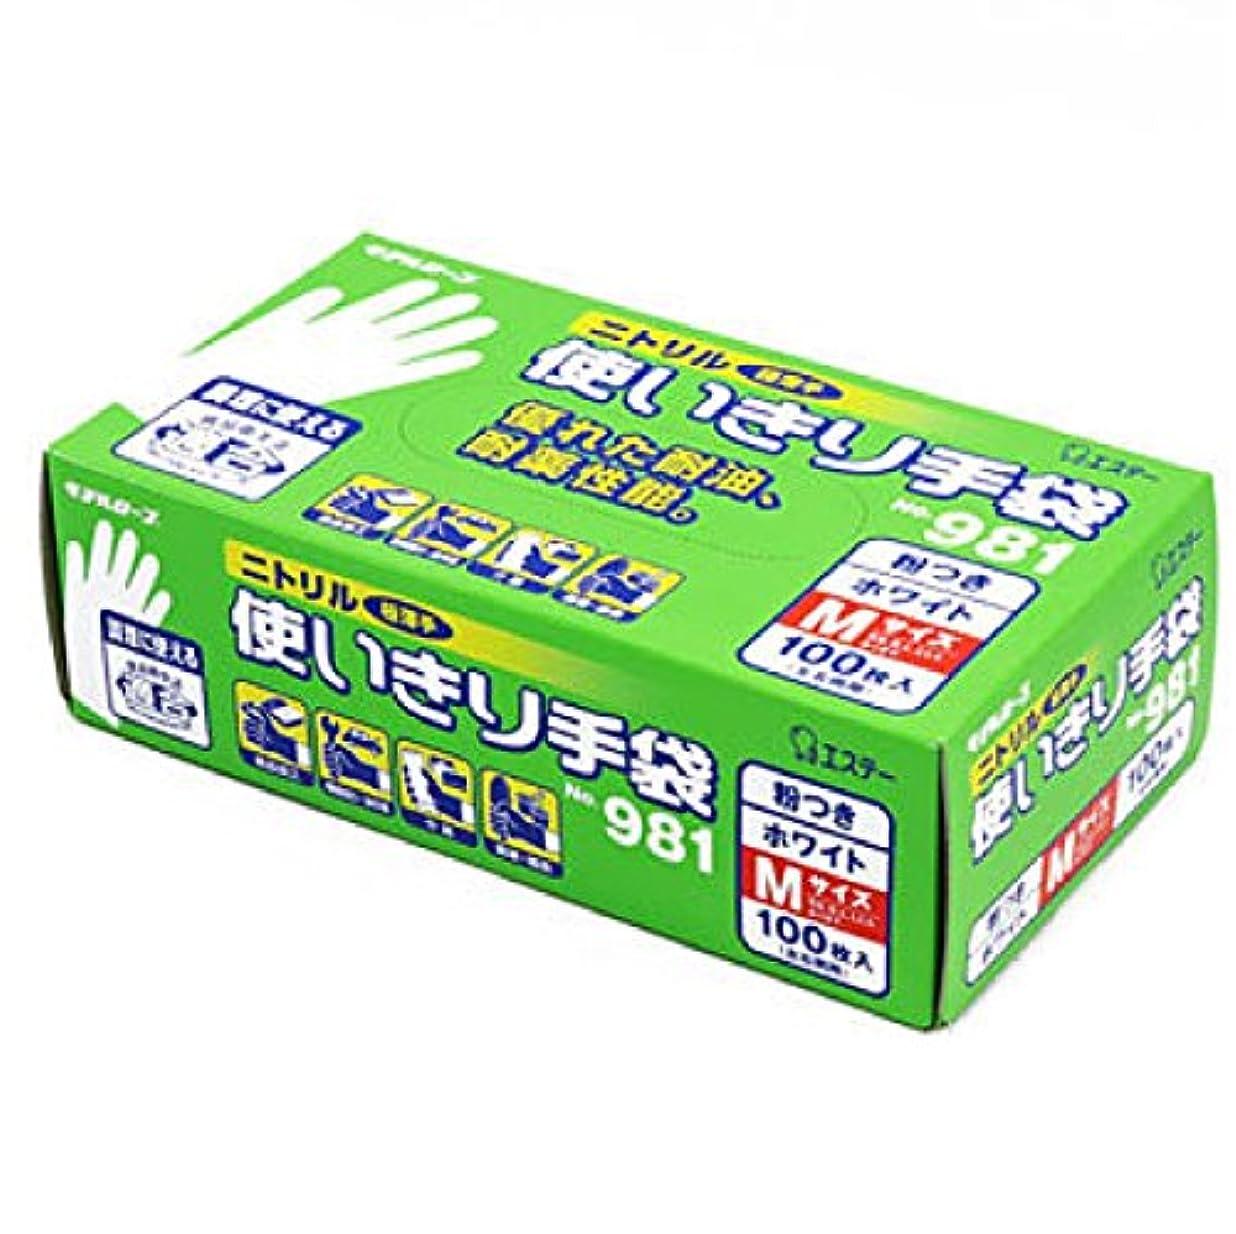 ファイバに話す科学的エステー/ニトリル使いきり手袋 箱入 (粉つき) [100枚入]/品番:981 サイズ:S カラー:ホワイト